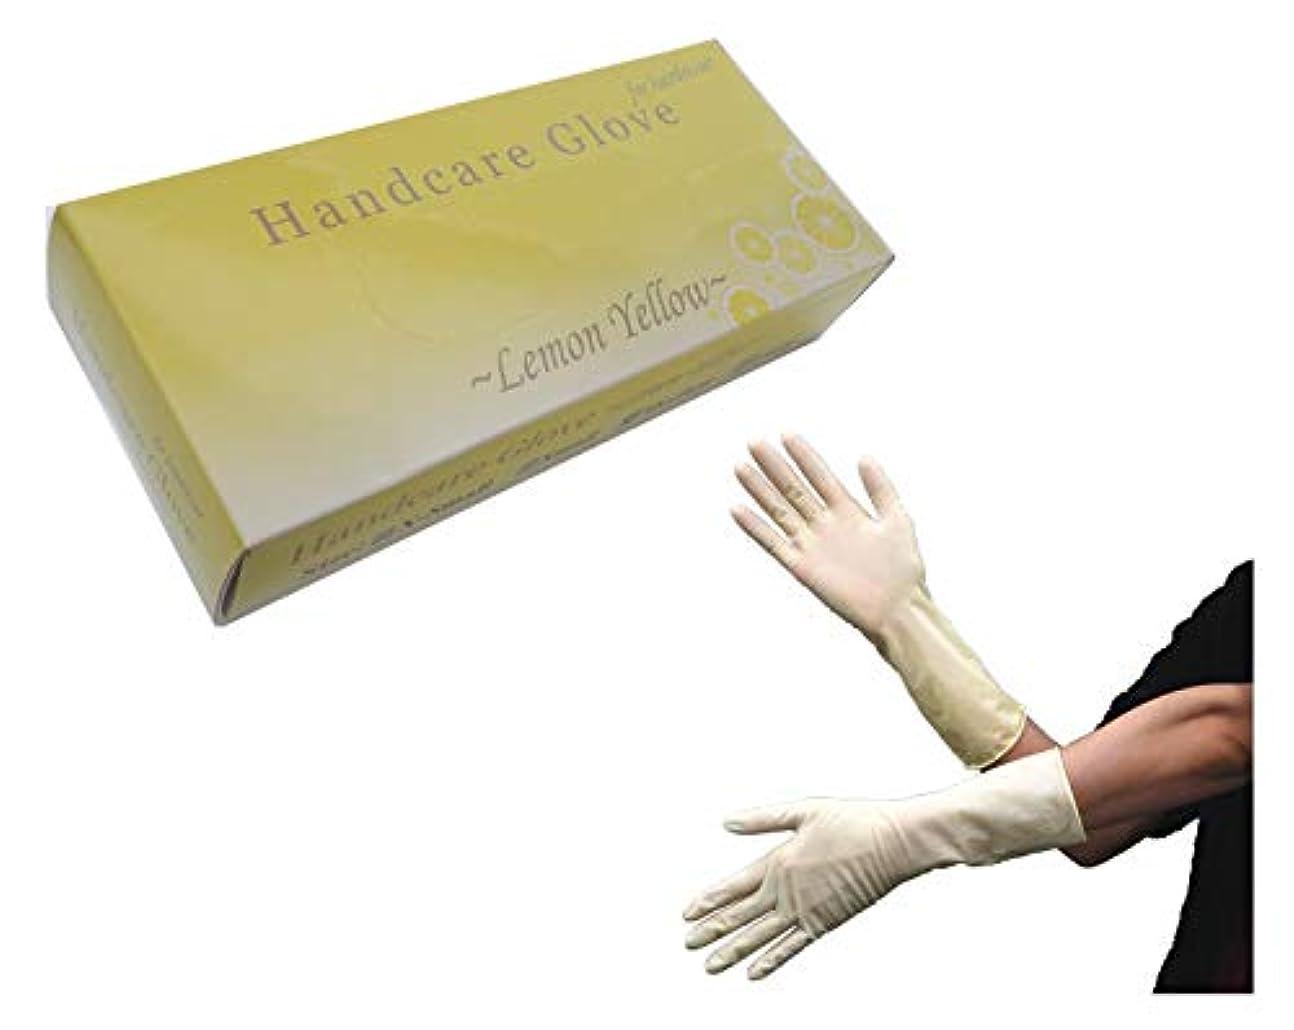 魔法受け入れた降下【リニューアル】サンフラワー ハンドケアグローブ レモンイエロー ゴム手袋 Sサイズ 50枚入り